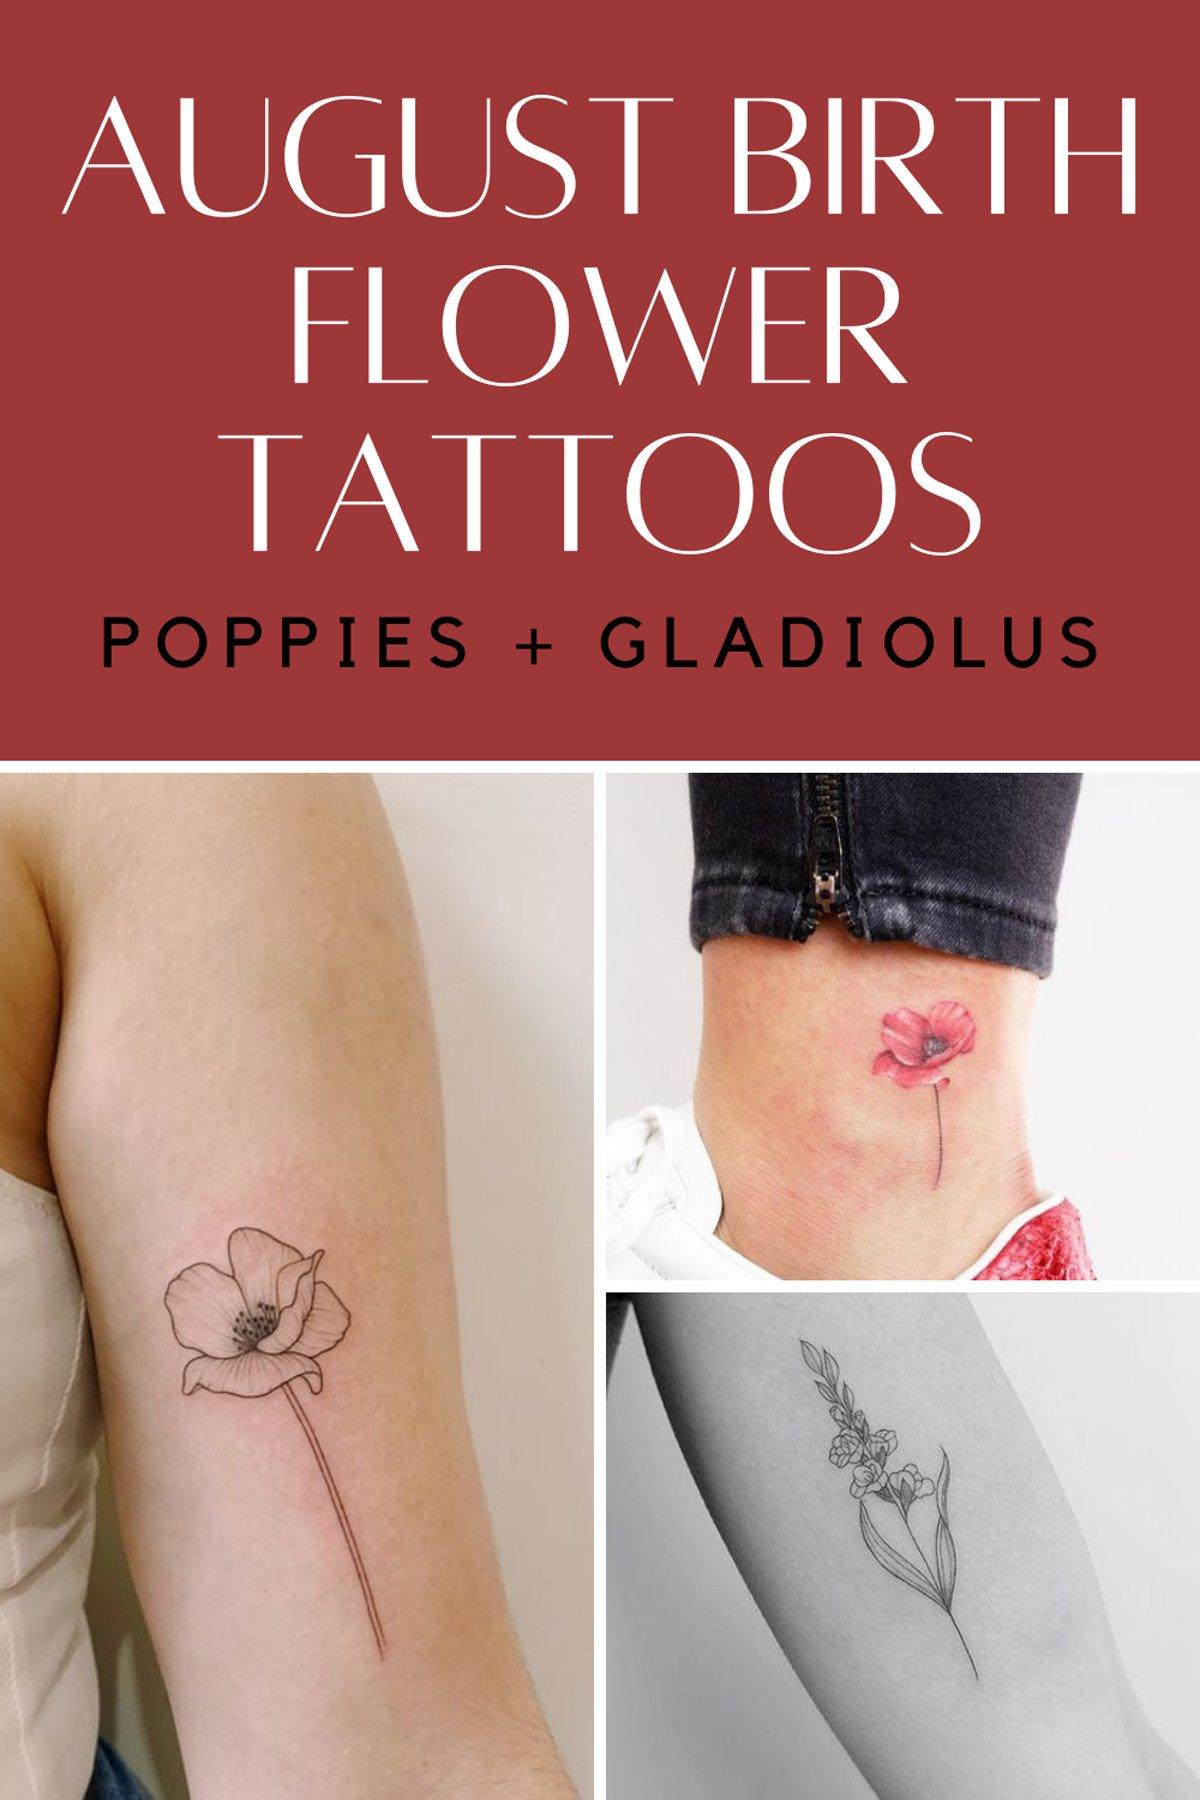 August Birth Flower Tattoos